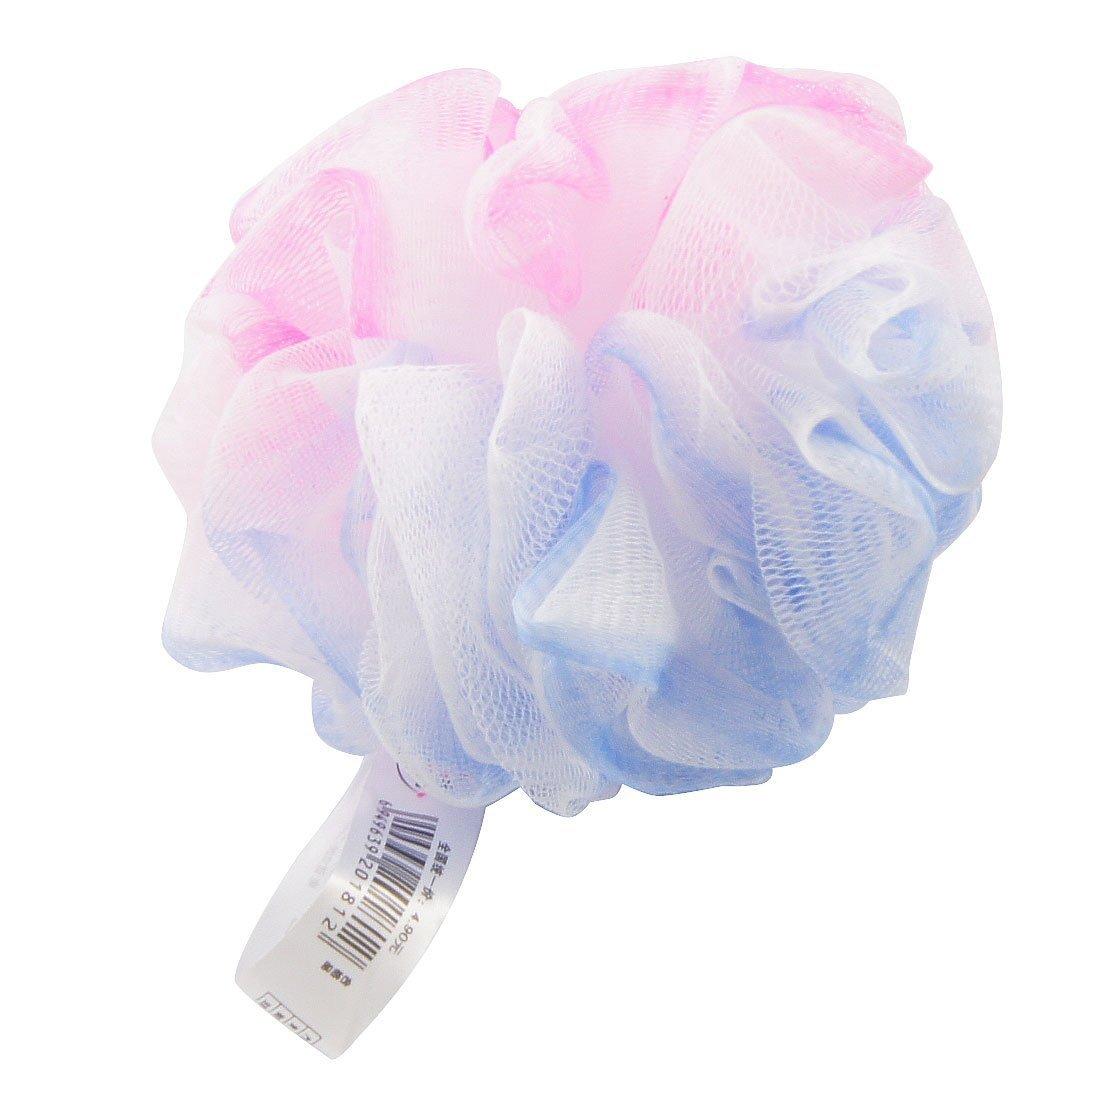 sourcingmap® Spugnetta a pallina in rete blu e viola per scrub alla pelle, per bagno e doccia US-SA-AJD-339793